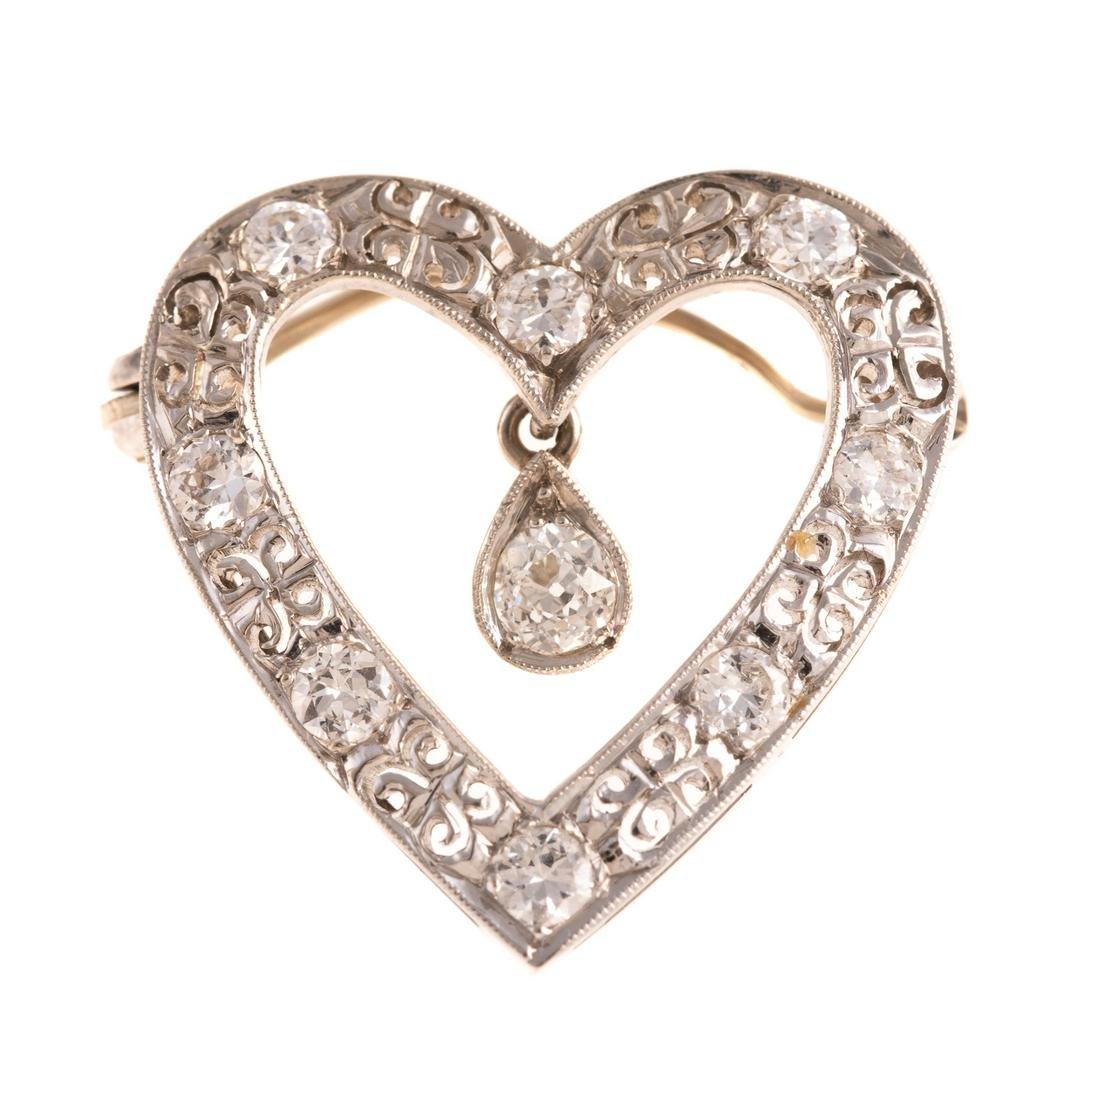 A Vintage Open Heart Diamond Pin/Pendant in 14K